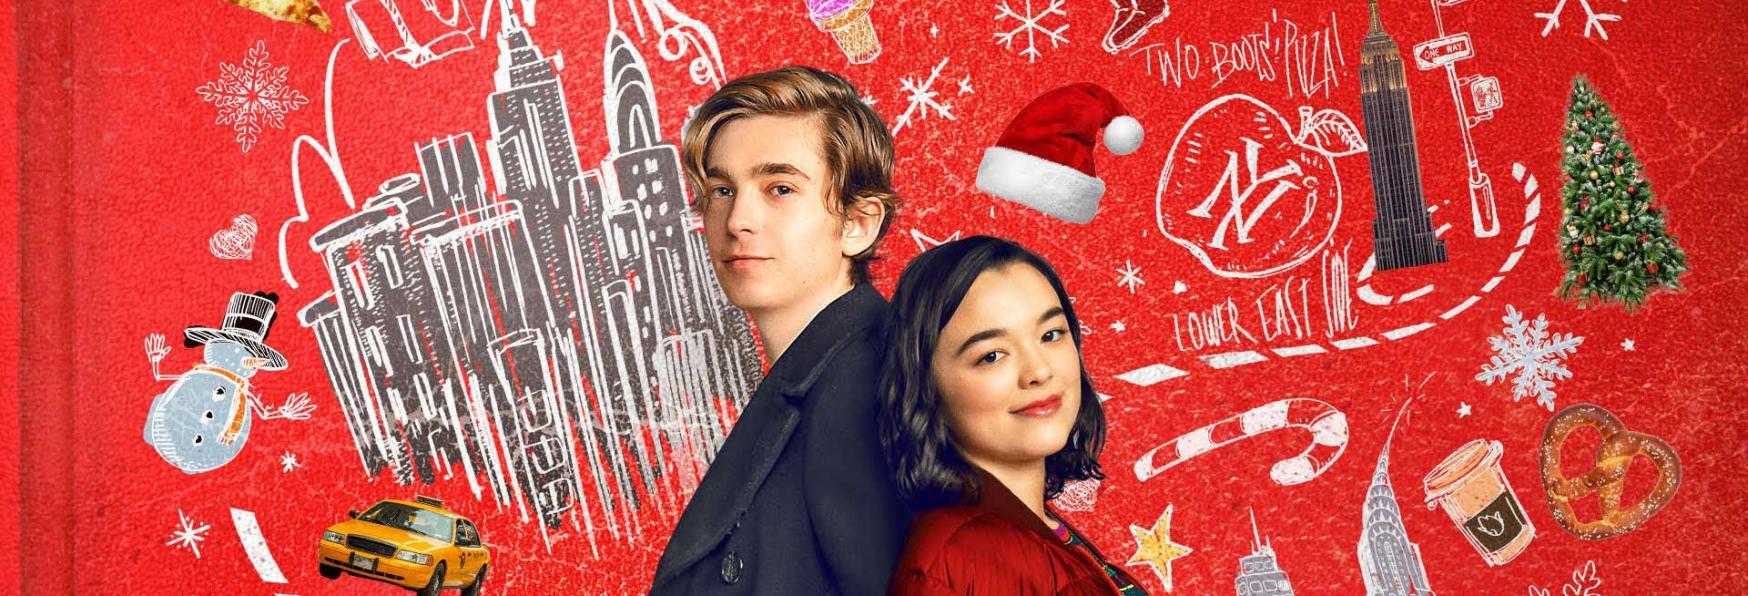 Dash & Lily: Tutte le Informazioni Note della nuova Serie TV targata Netflix